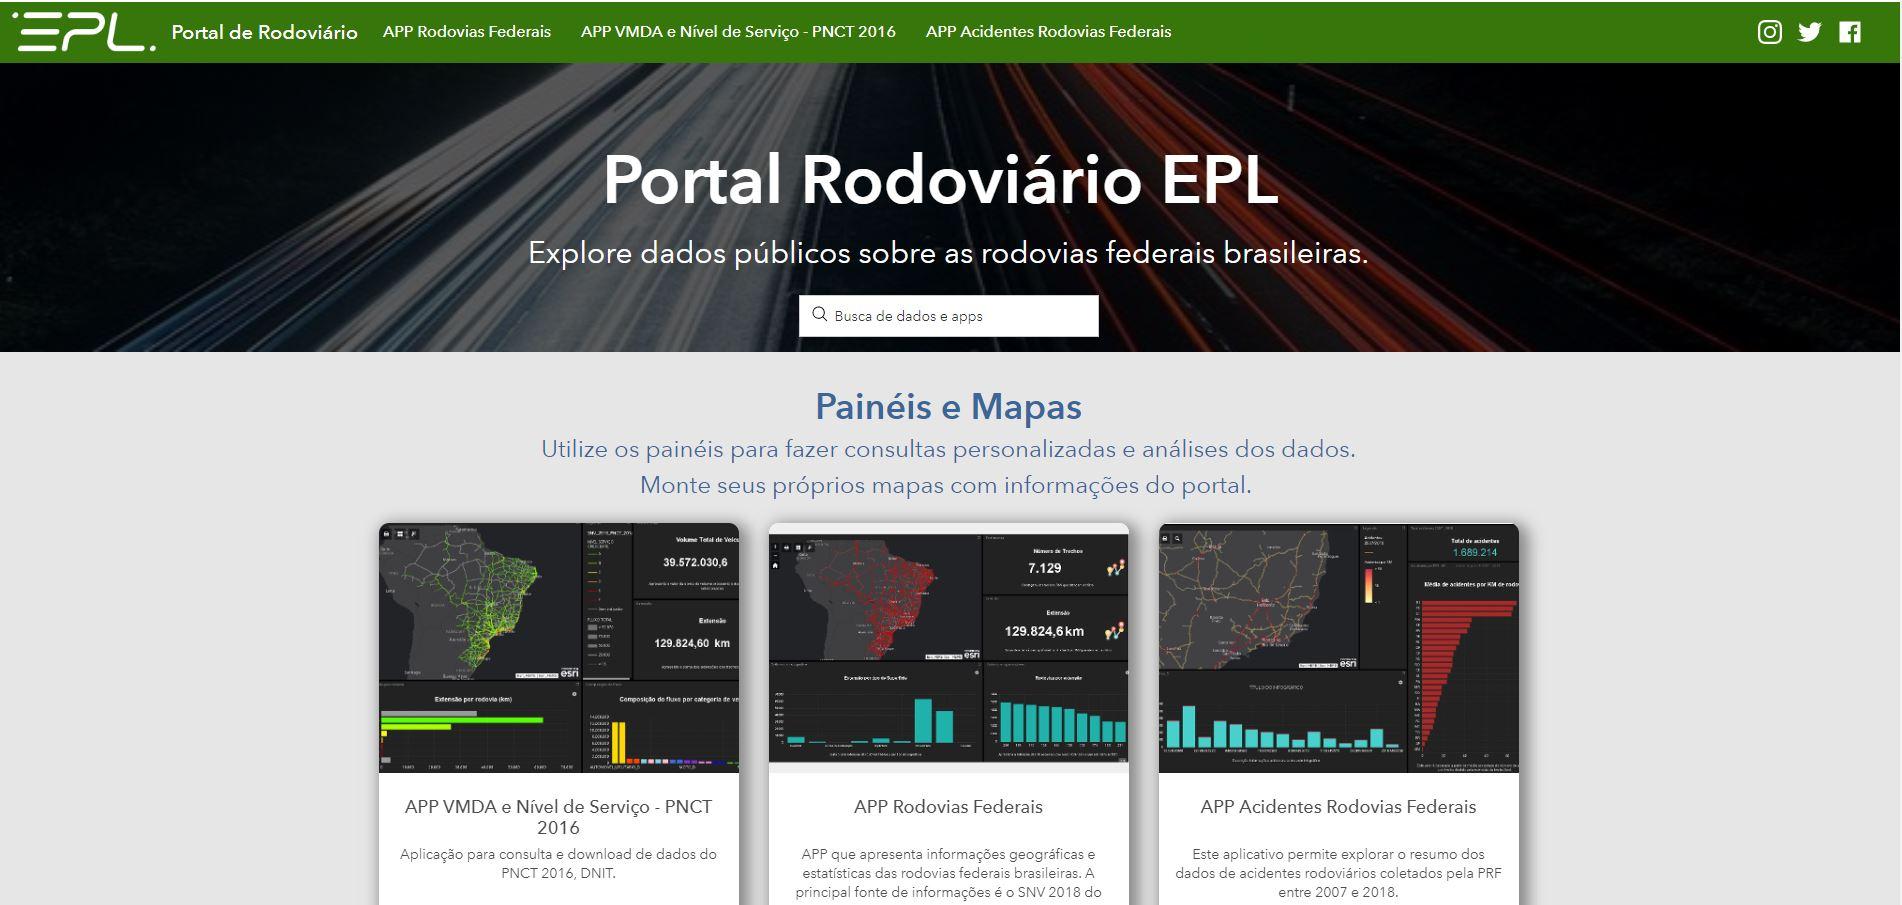 Portal Rodoviário